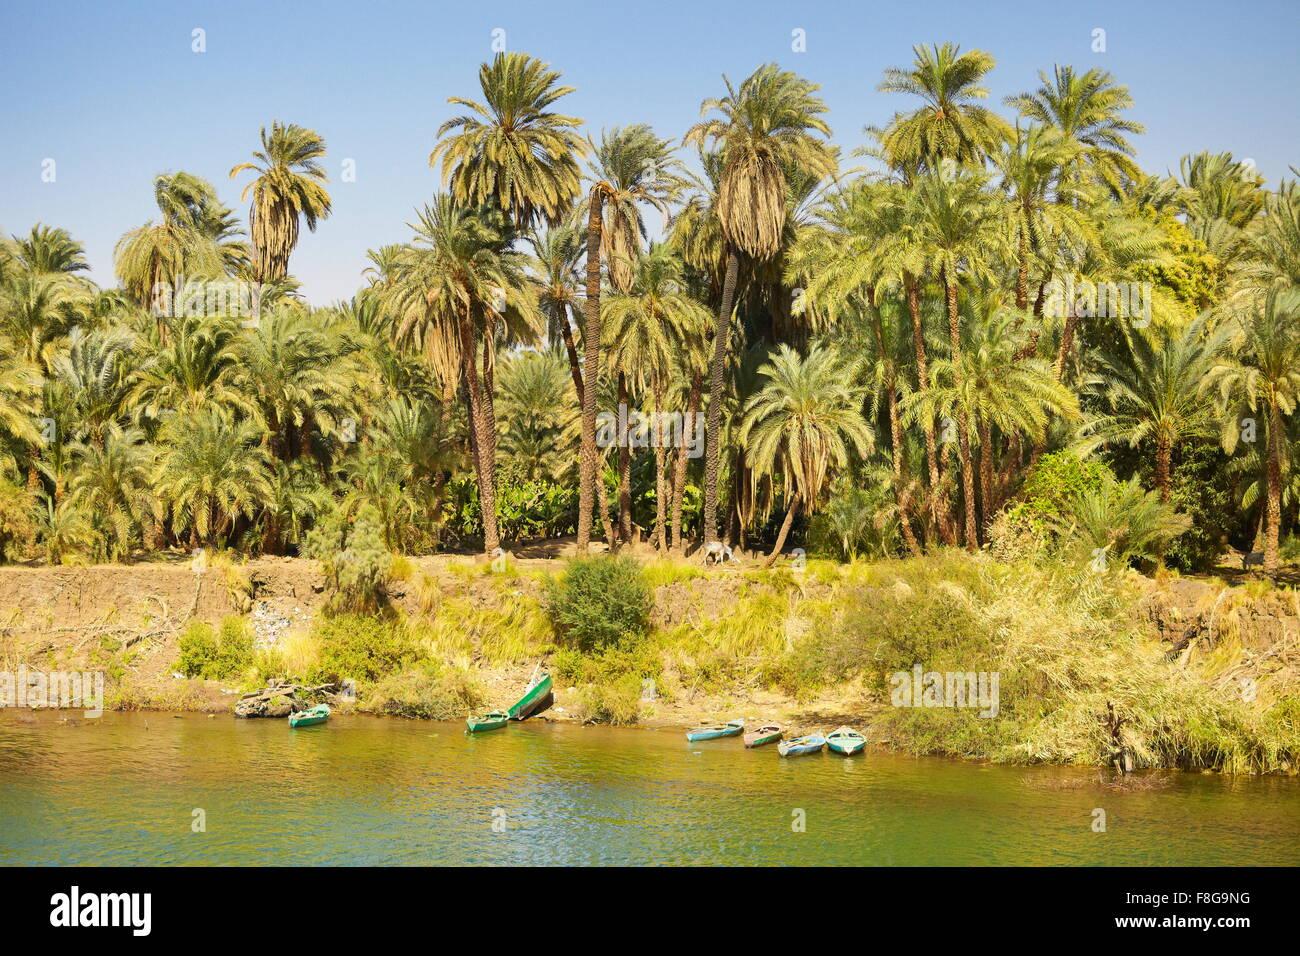 Egipto - Banco de el Nilo, el río paisaje del valle del Nilo, camino a la ciudad de Asuán, Egipto Imagen De Stock